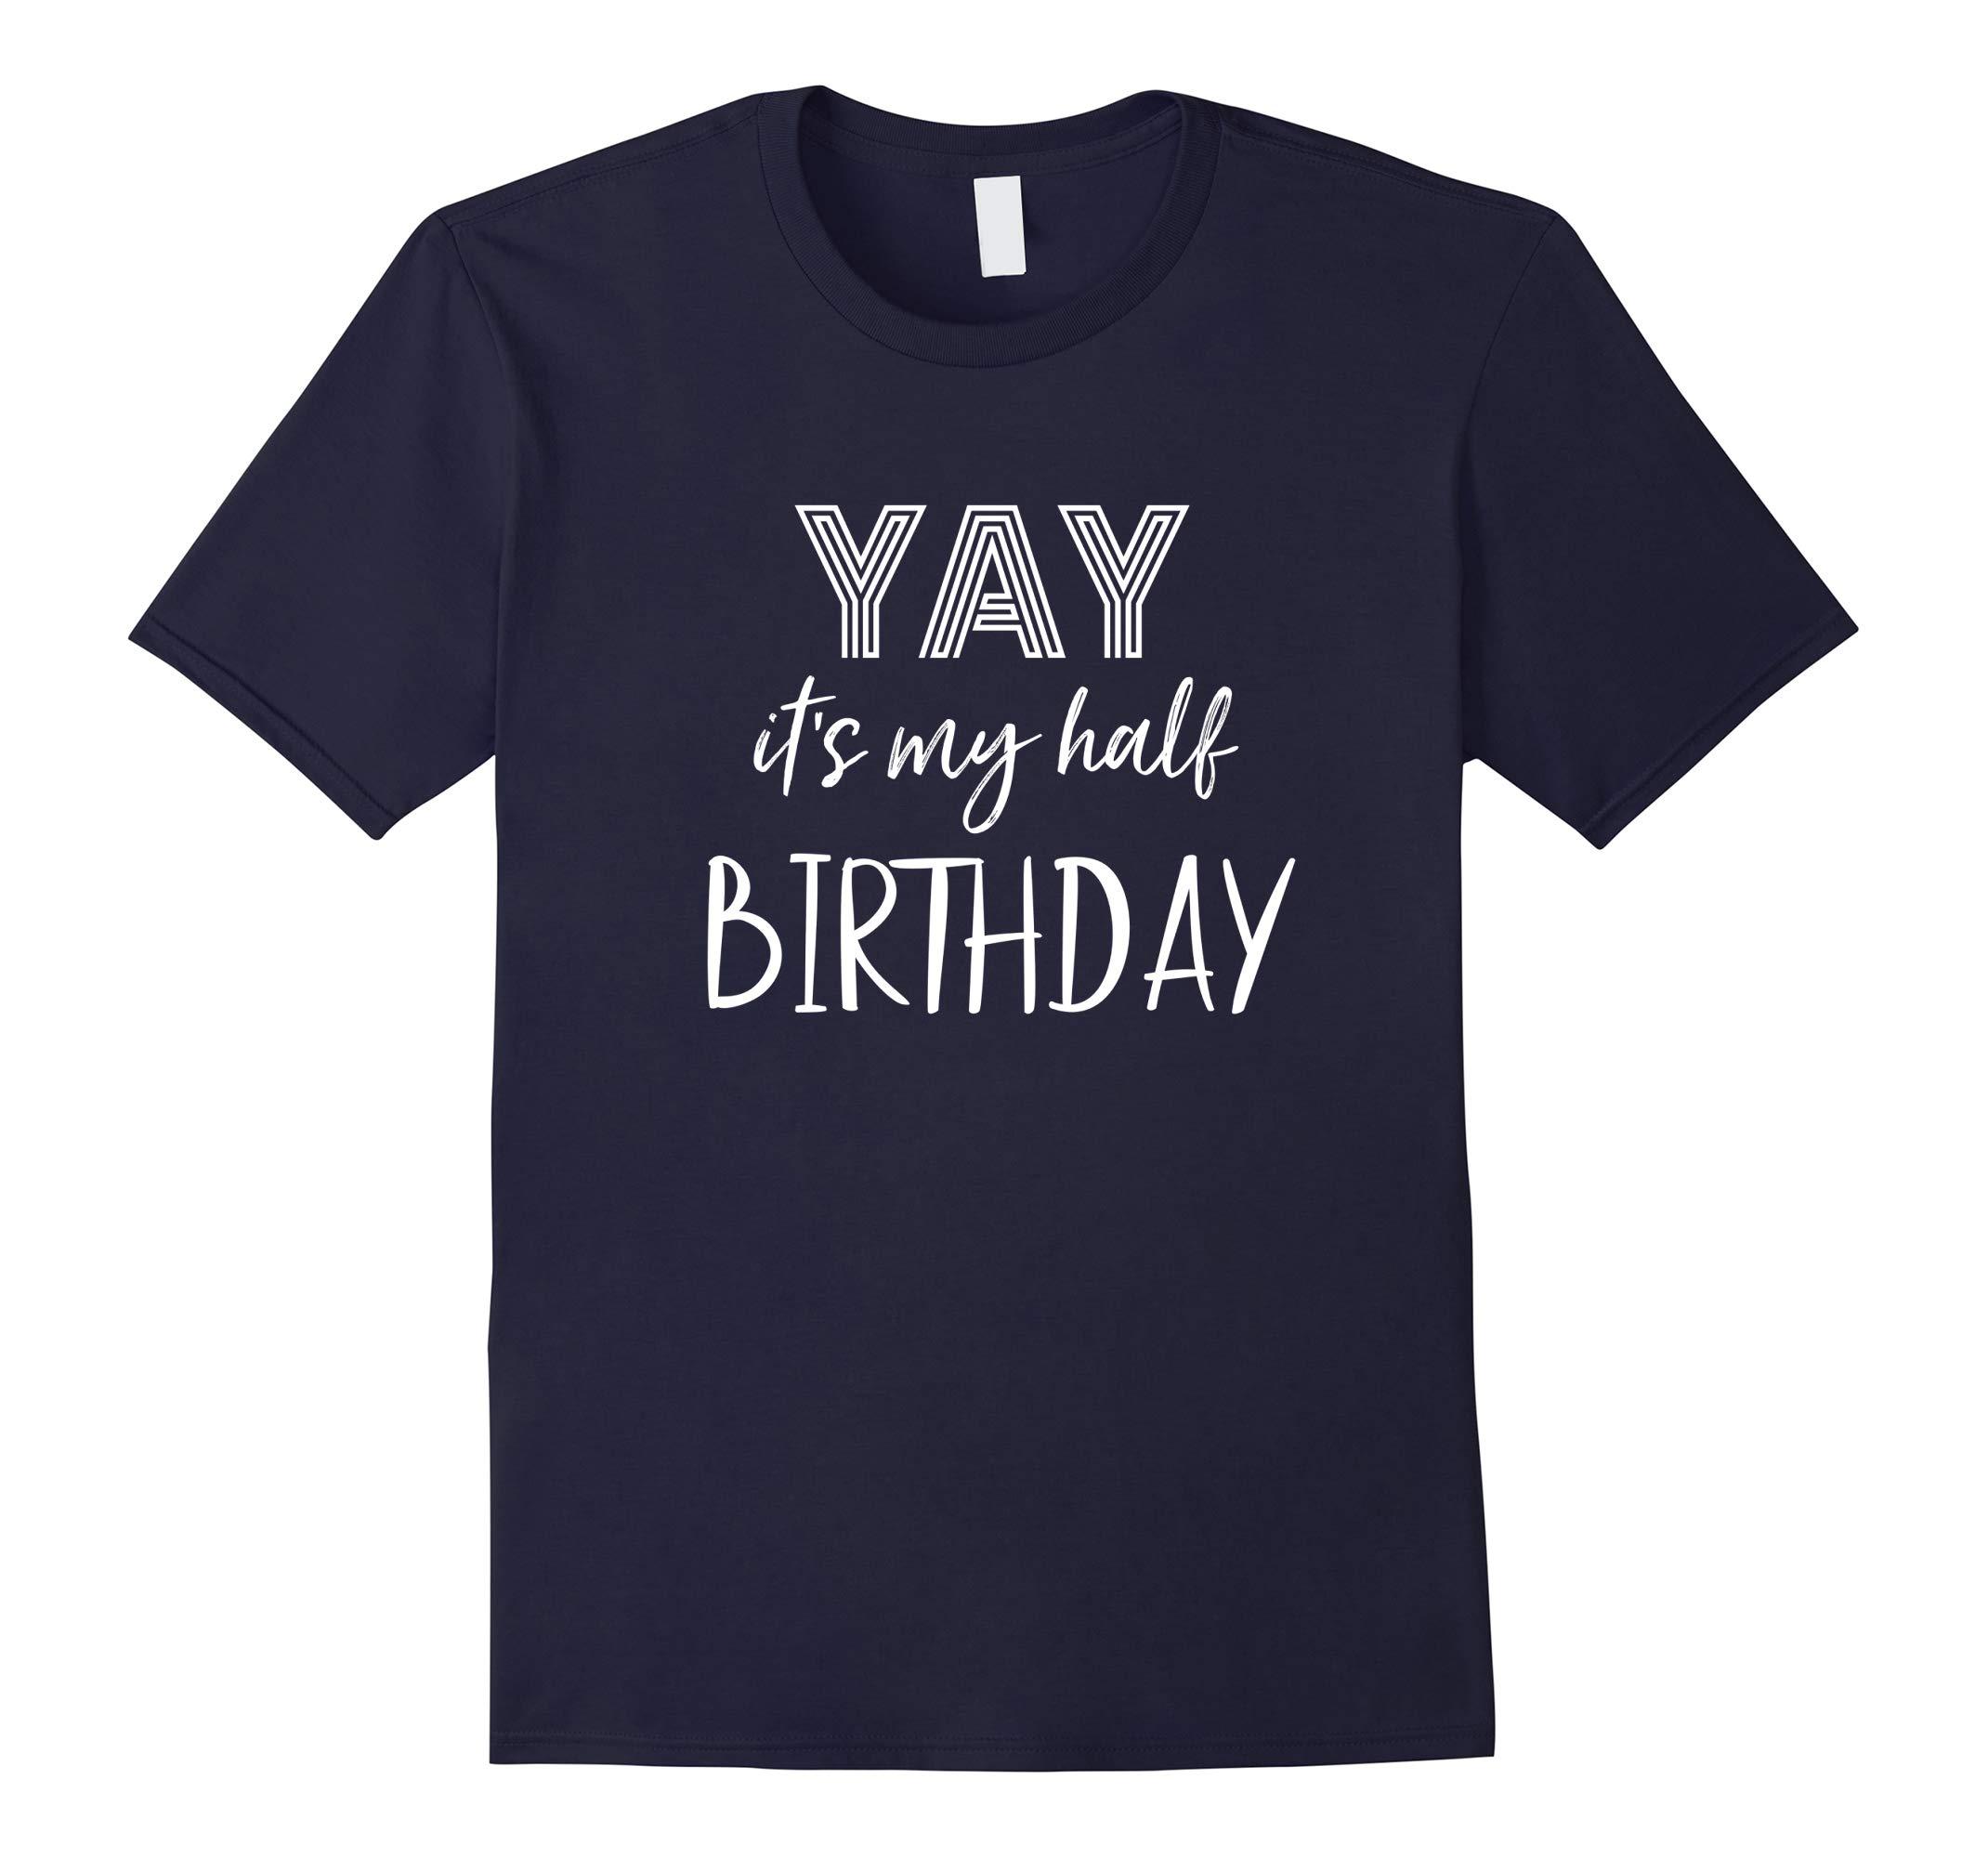 Yay It's My Half Birthday Funny Celebration Tshirt Gift-RT